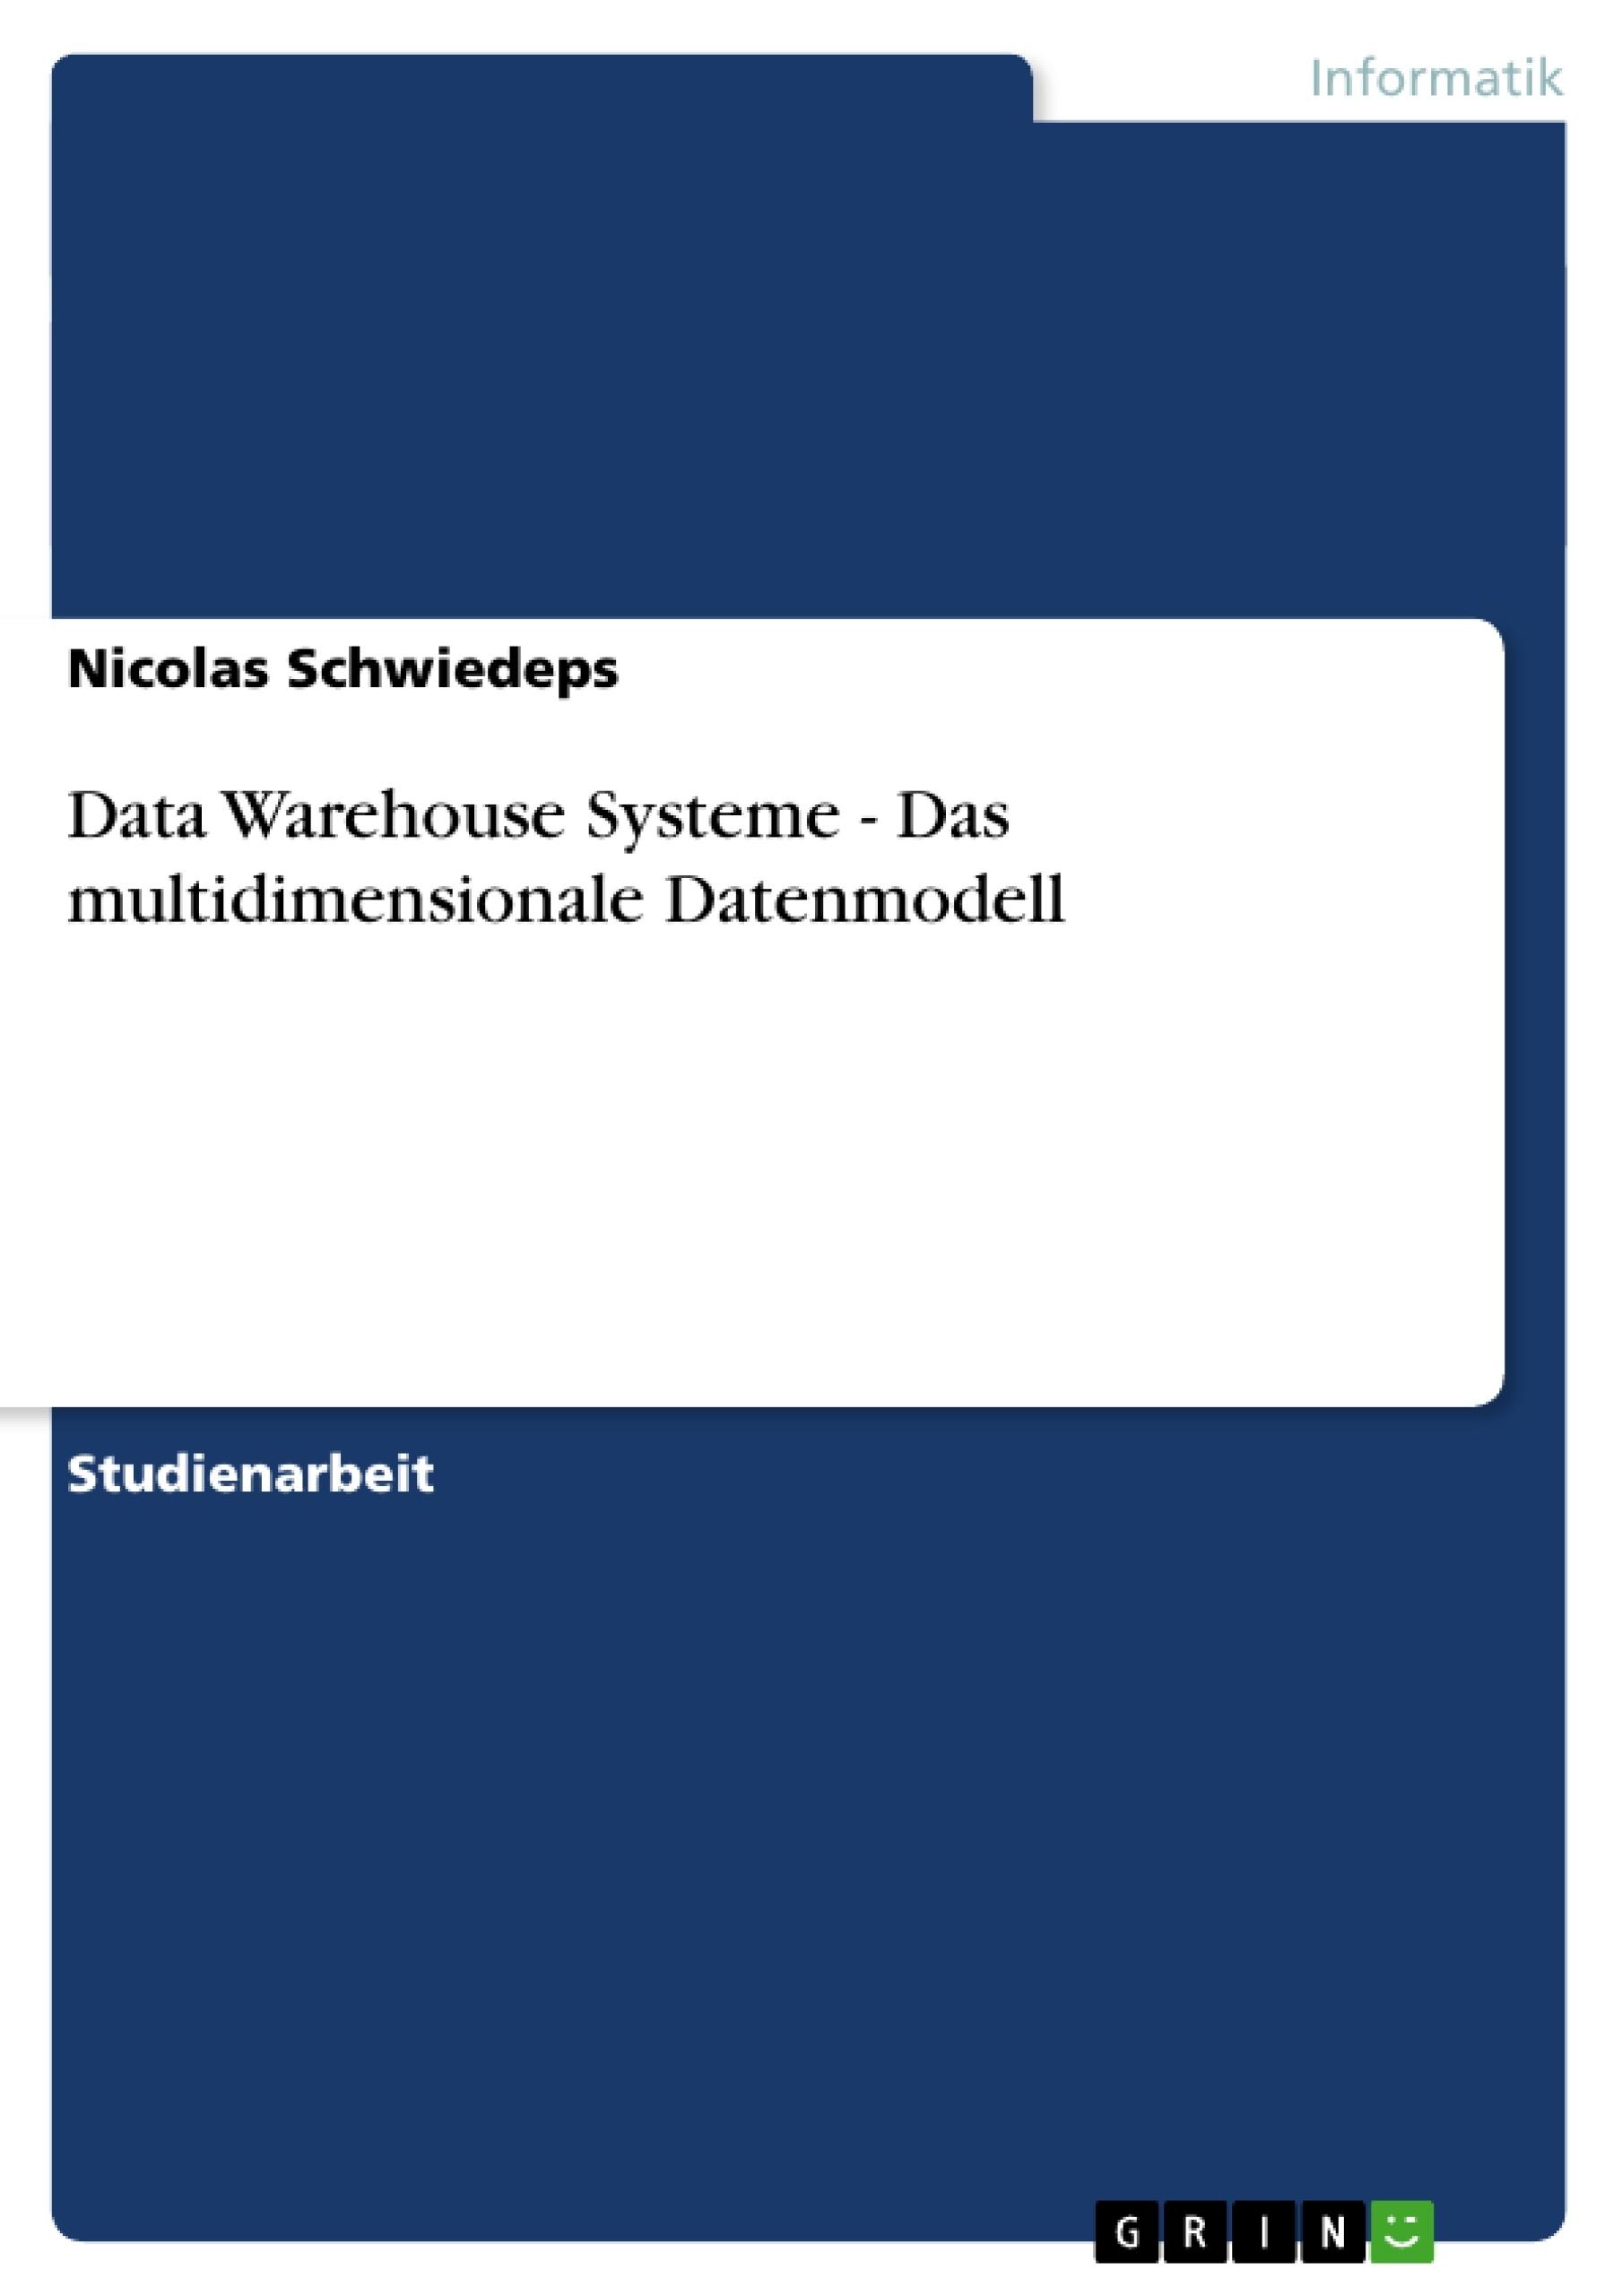 Titel: Data Warehouse Systeme - Das multidimensionale Datenmodell